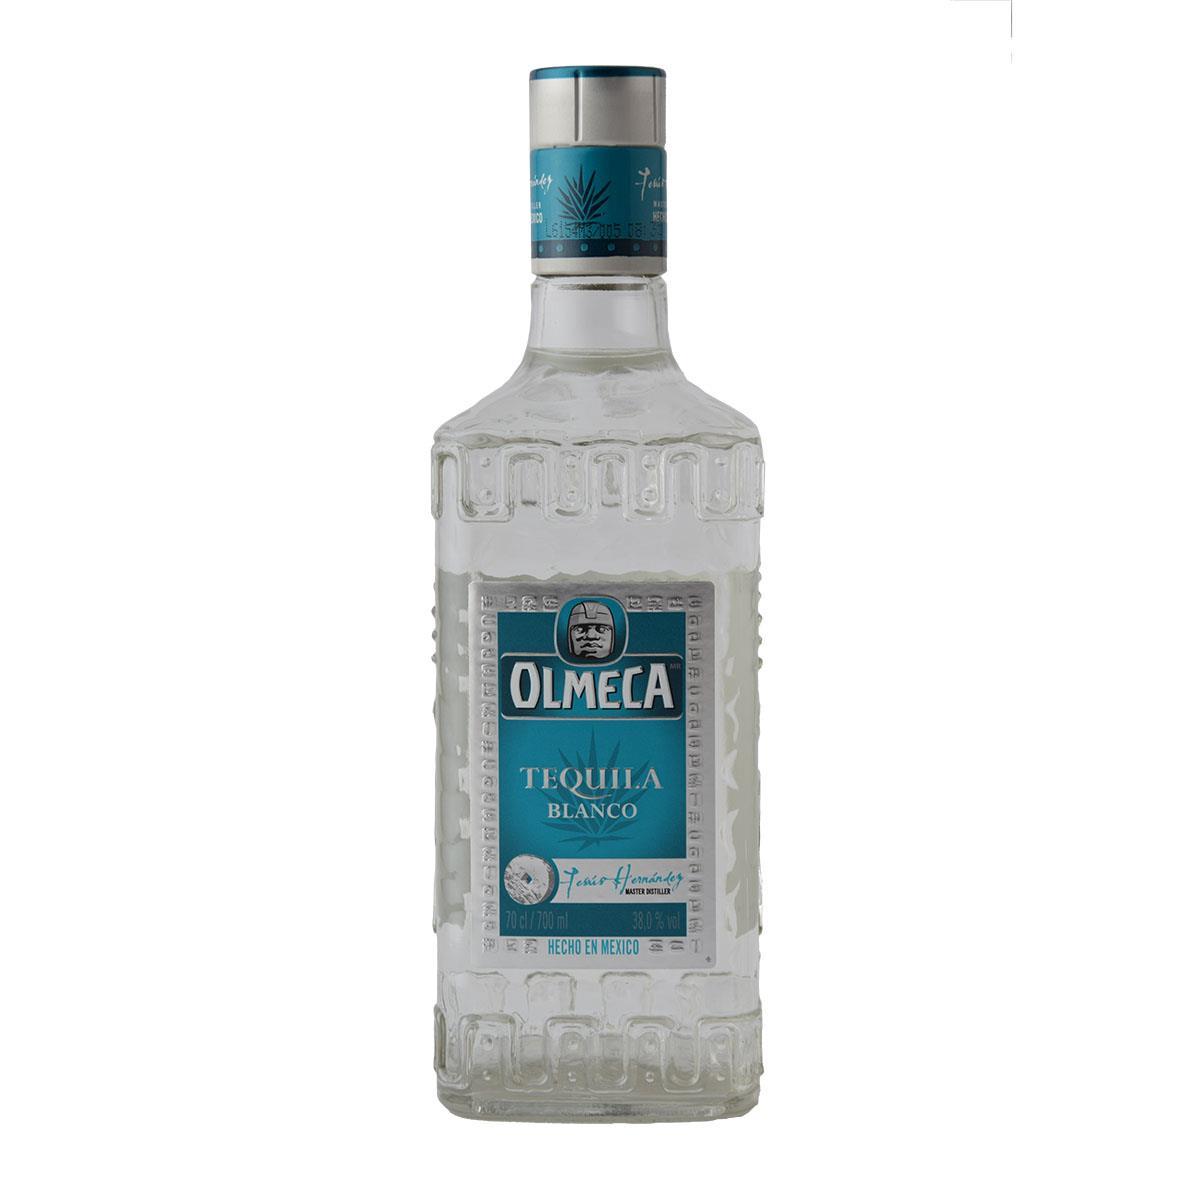 Olmeca Blanco Tequila 700ml